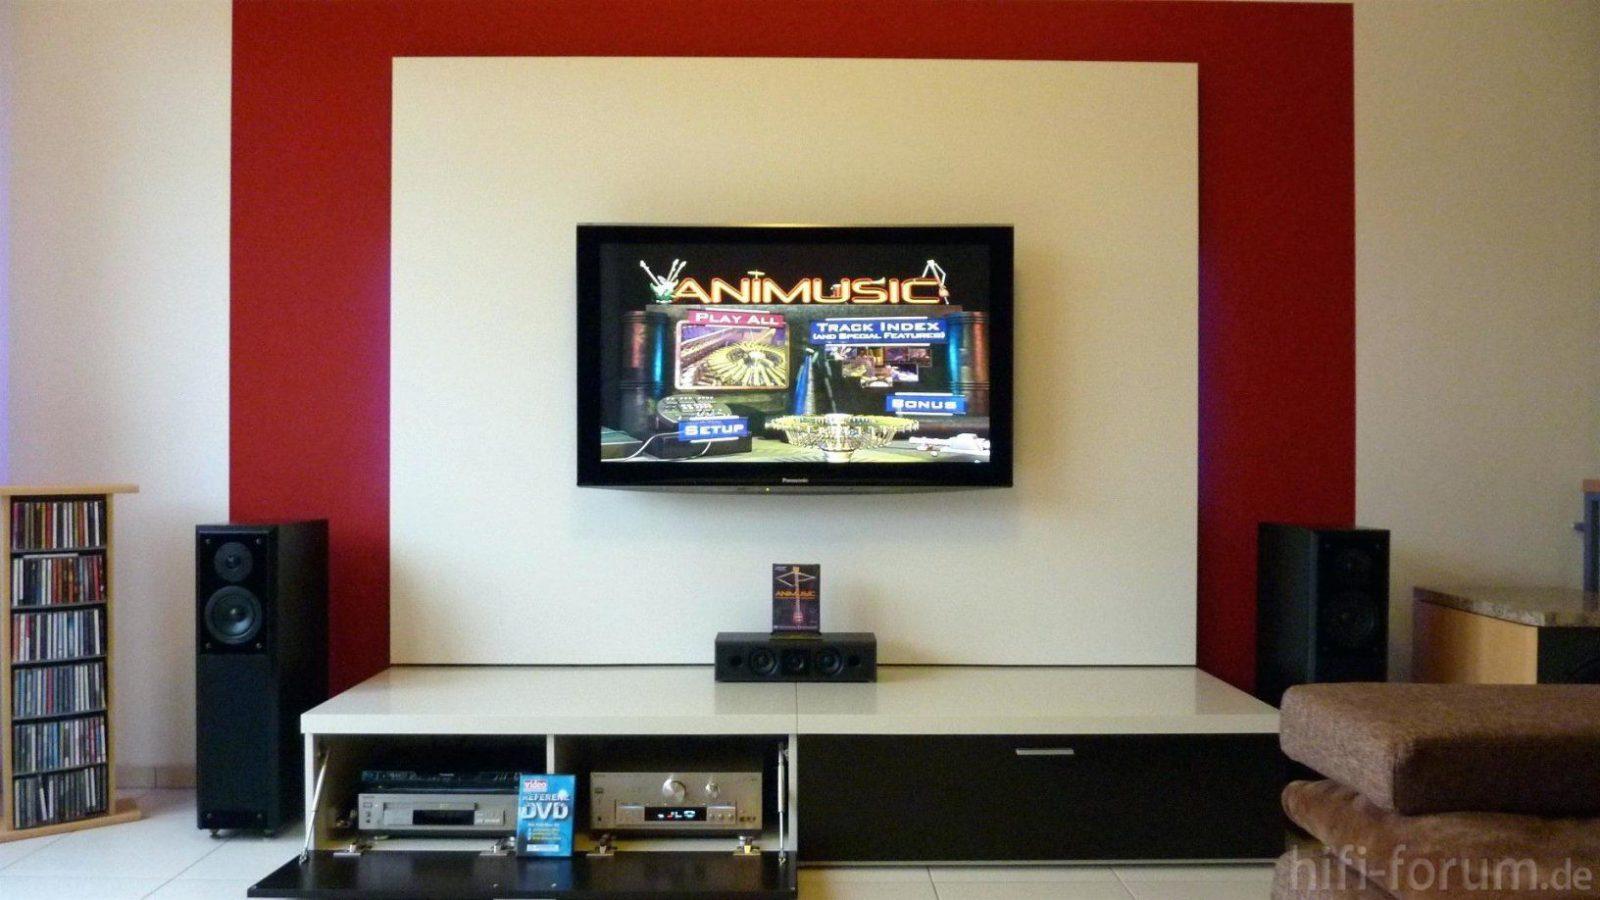 Tv Verstecken Fernseherwand Home Design Ideas Kabel Ikea Flat von Fernseher An Wand Kabel Verstecken Bild